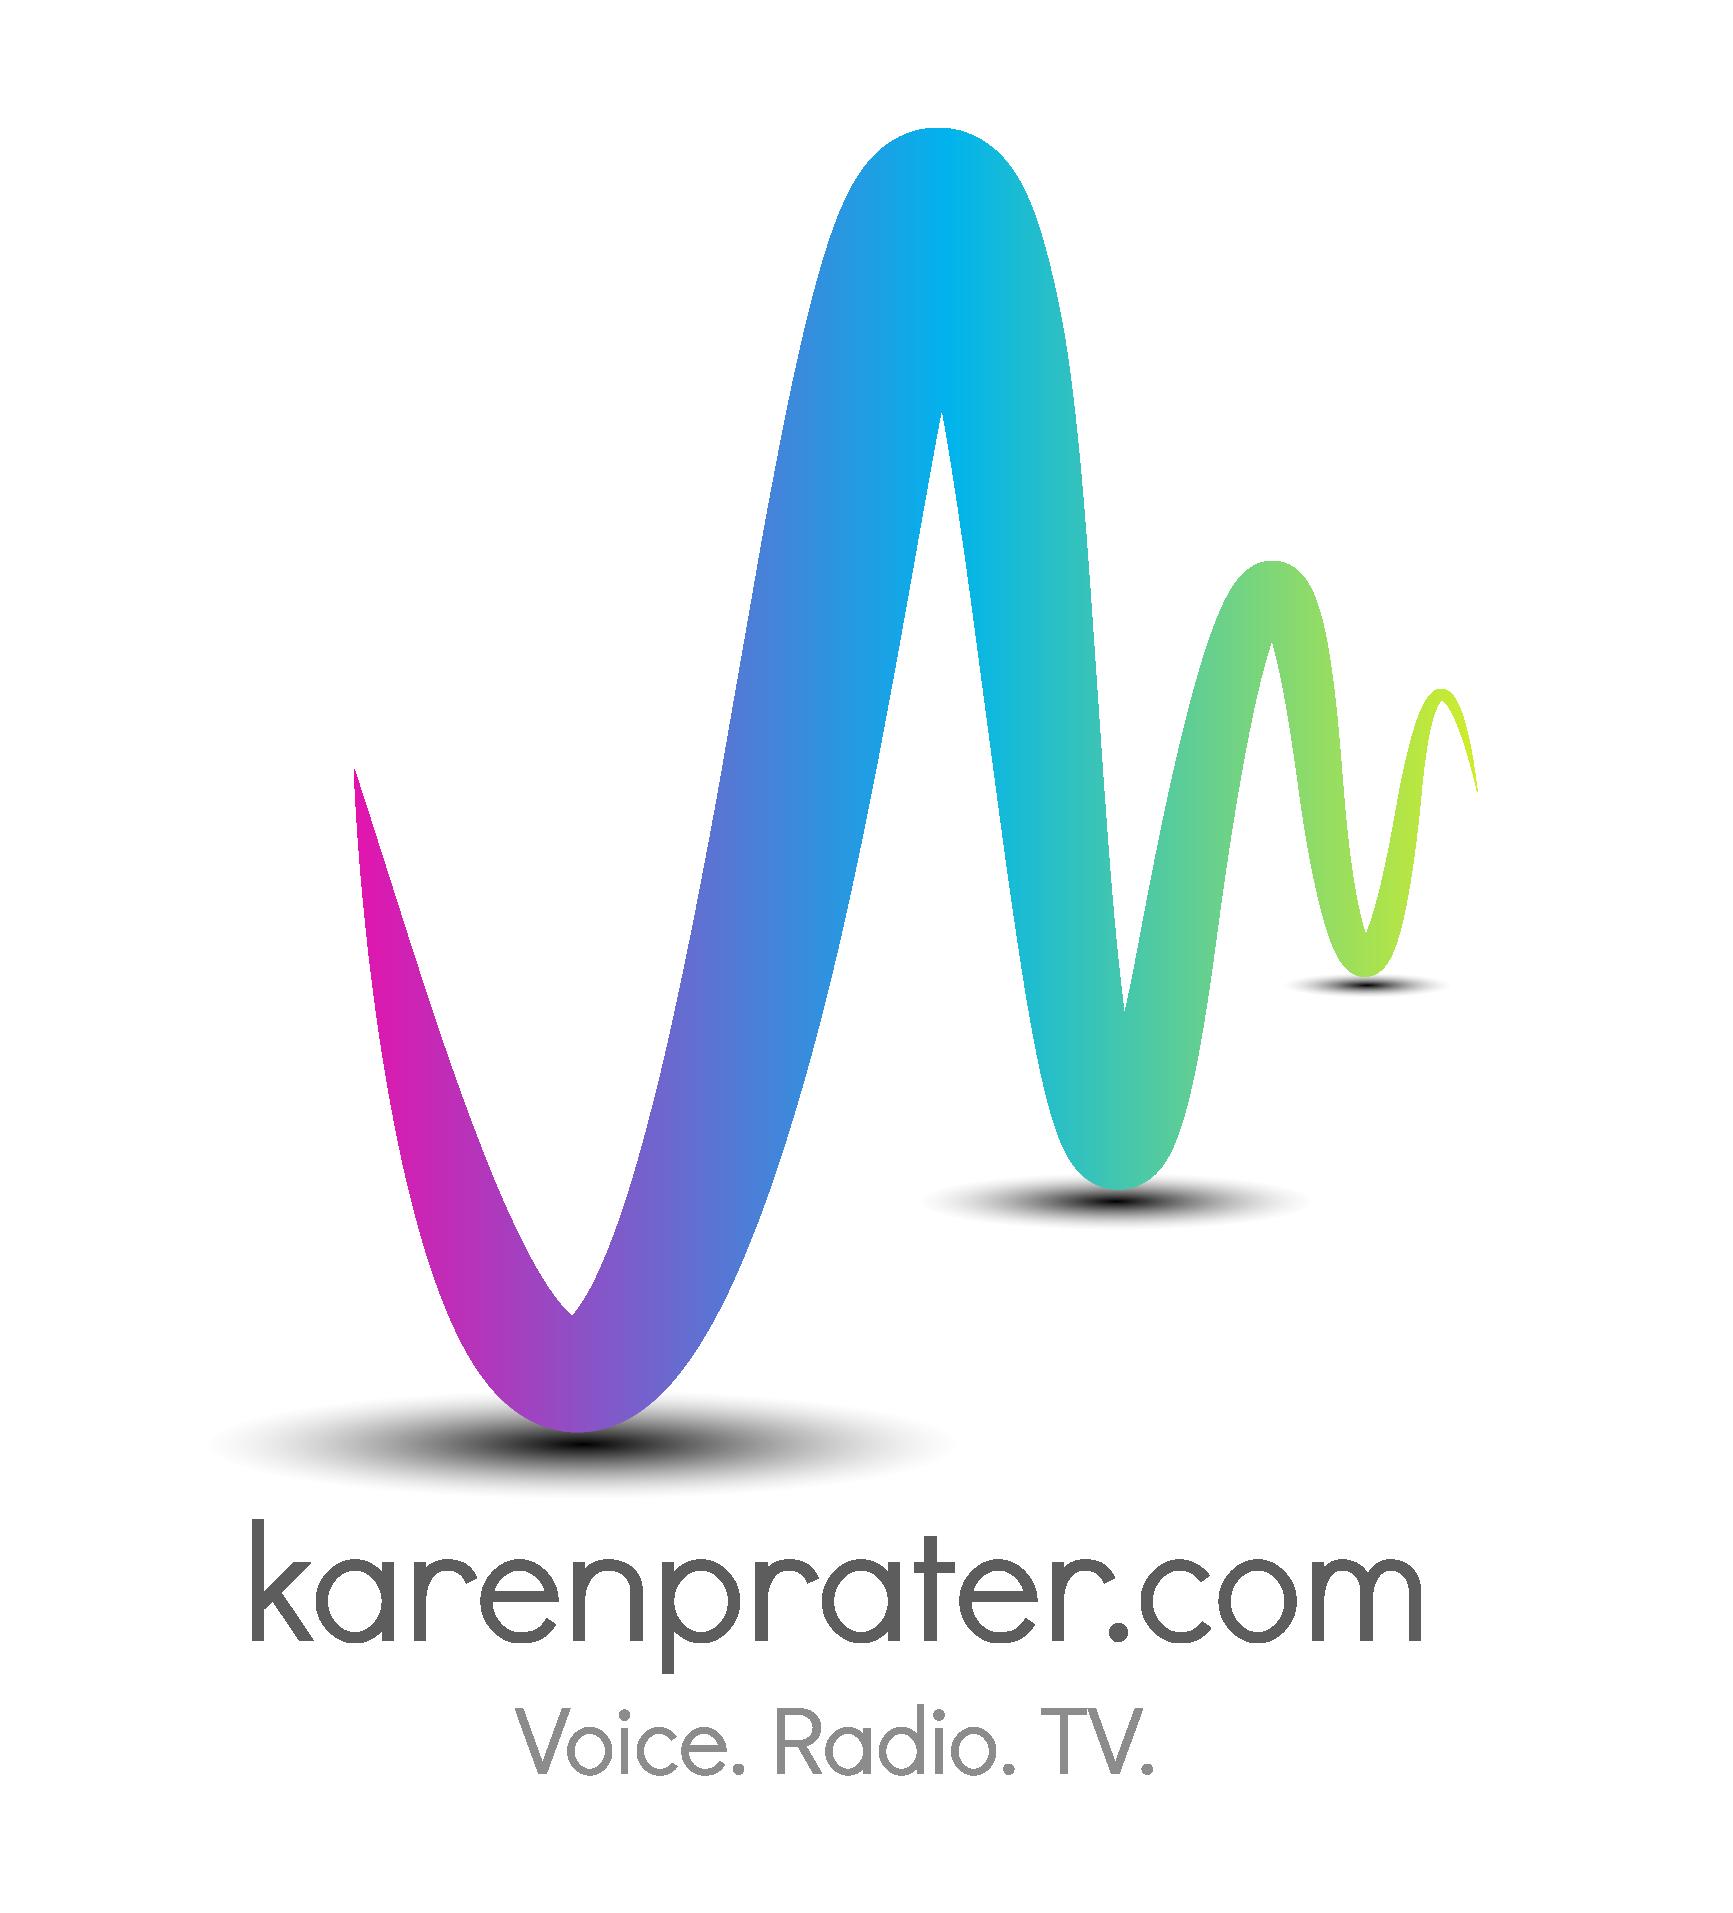 KarenPater